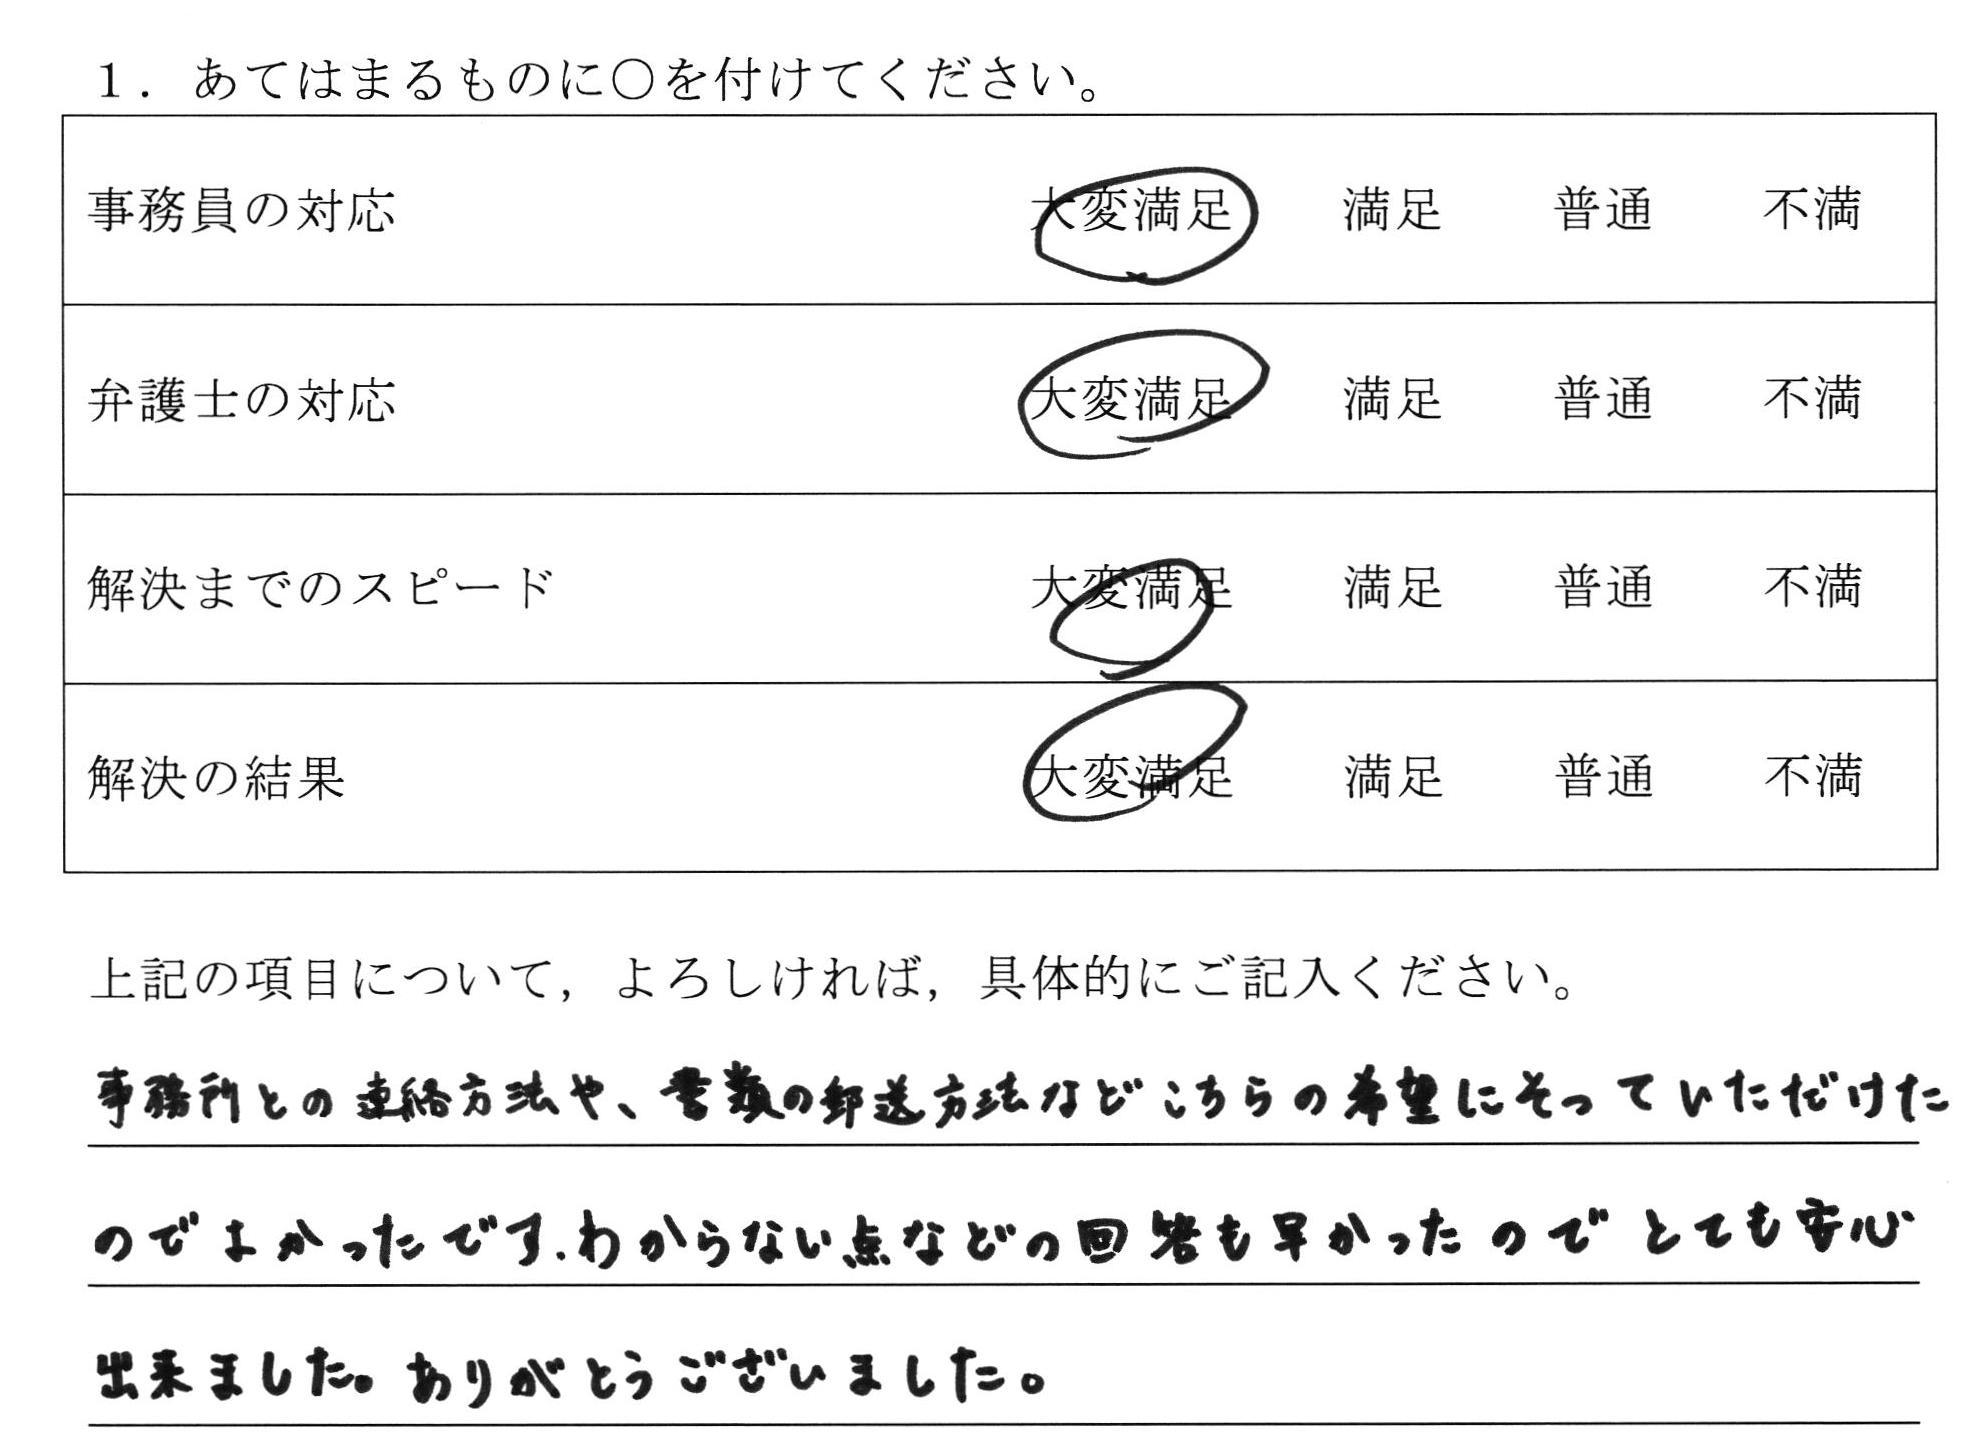 岐阜県40代女性(養育費請求)の依頼者様の声 : 事務所との連絡方法や、書類の郵送方法などこちらの希望にそっていただけたのでよかったです。わからない点などの回答も早かったのでとても安心出来ました。ありがとうございました。